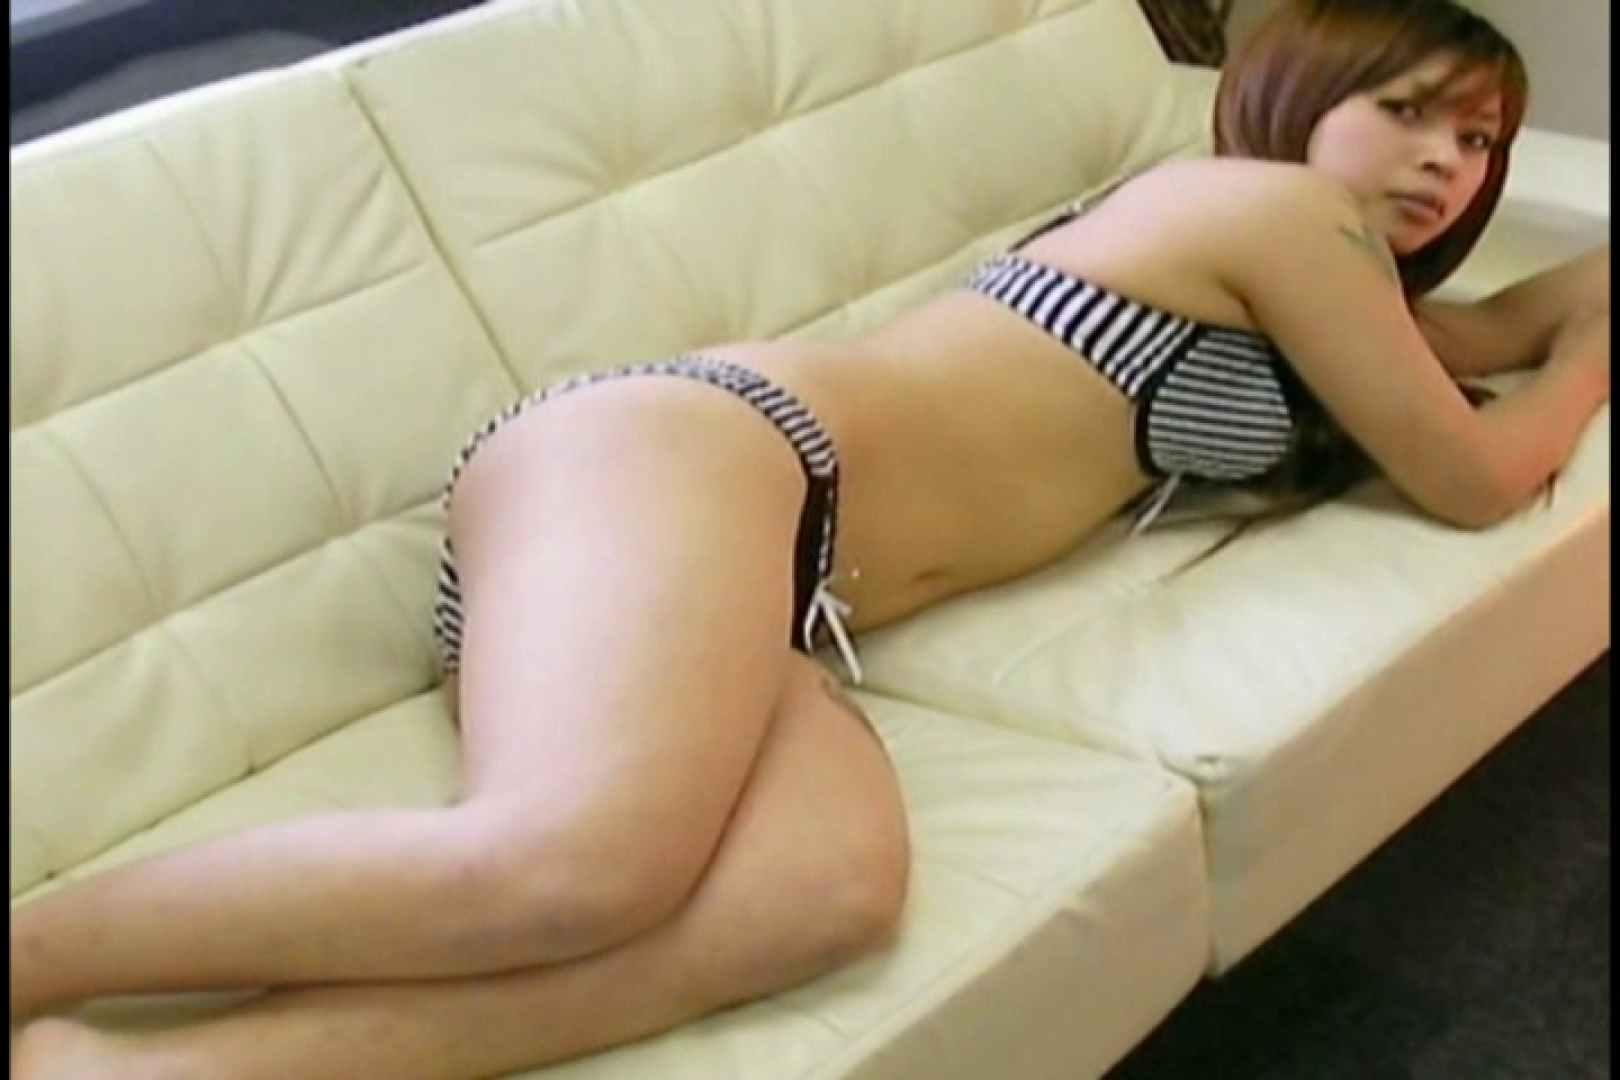 素人撮影 下着だけの撮影のはずが・・・ よしこ23歳 女子着替え | 素人  85pic 44